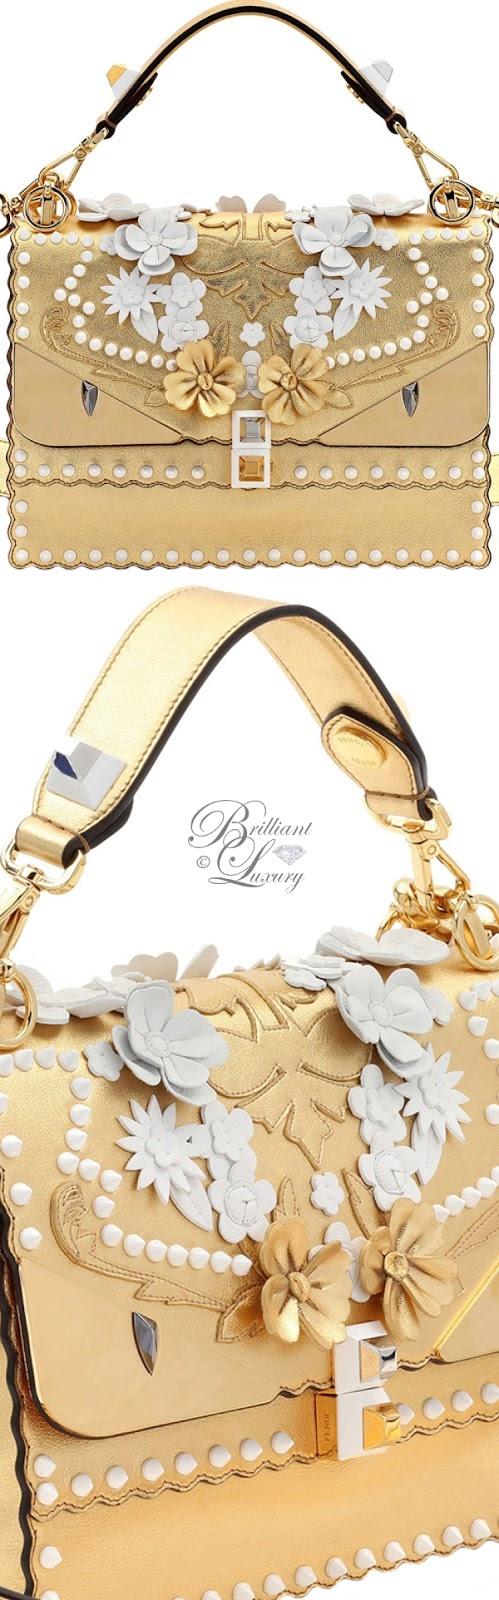 Brilliant Luxury ♦ Fendi Kan I Wonder Monster Shoulder Bag in White-Gold